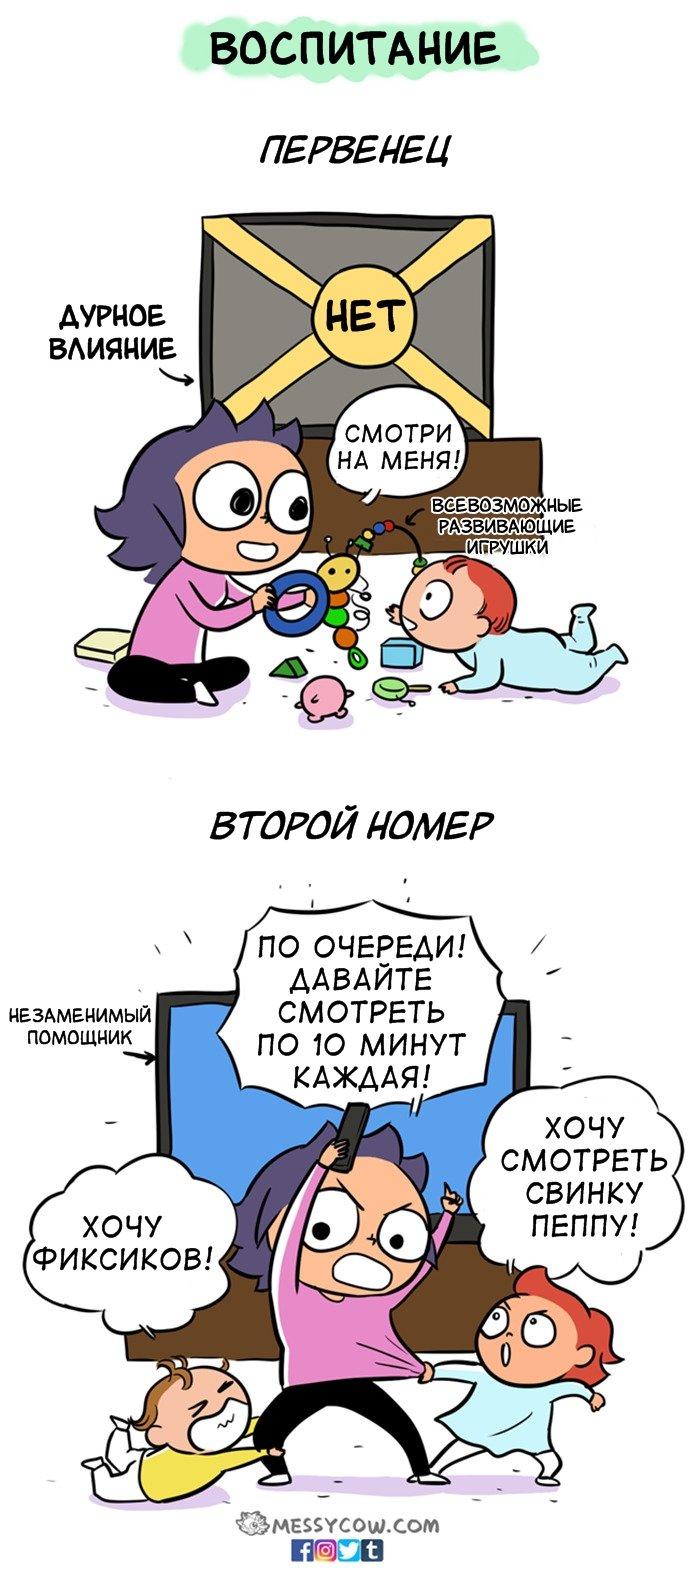 10 забавных комиксов о том, чем отличается подход к первому и второму ребенку